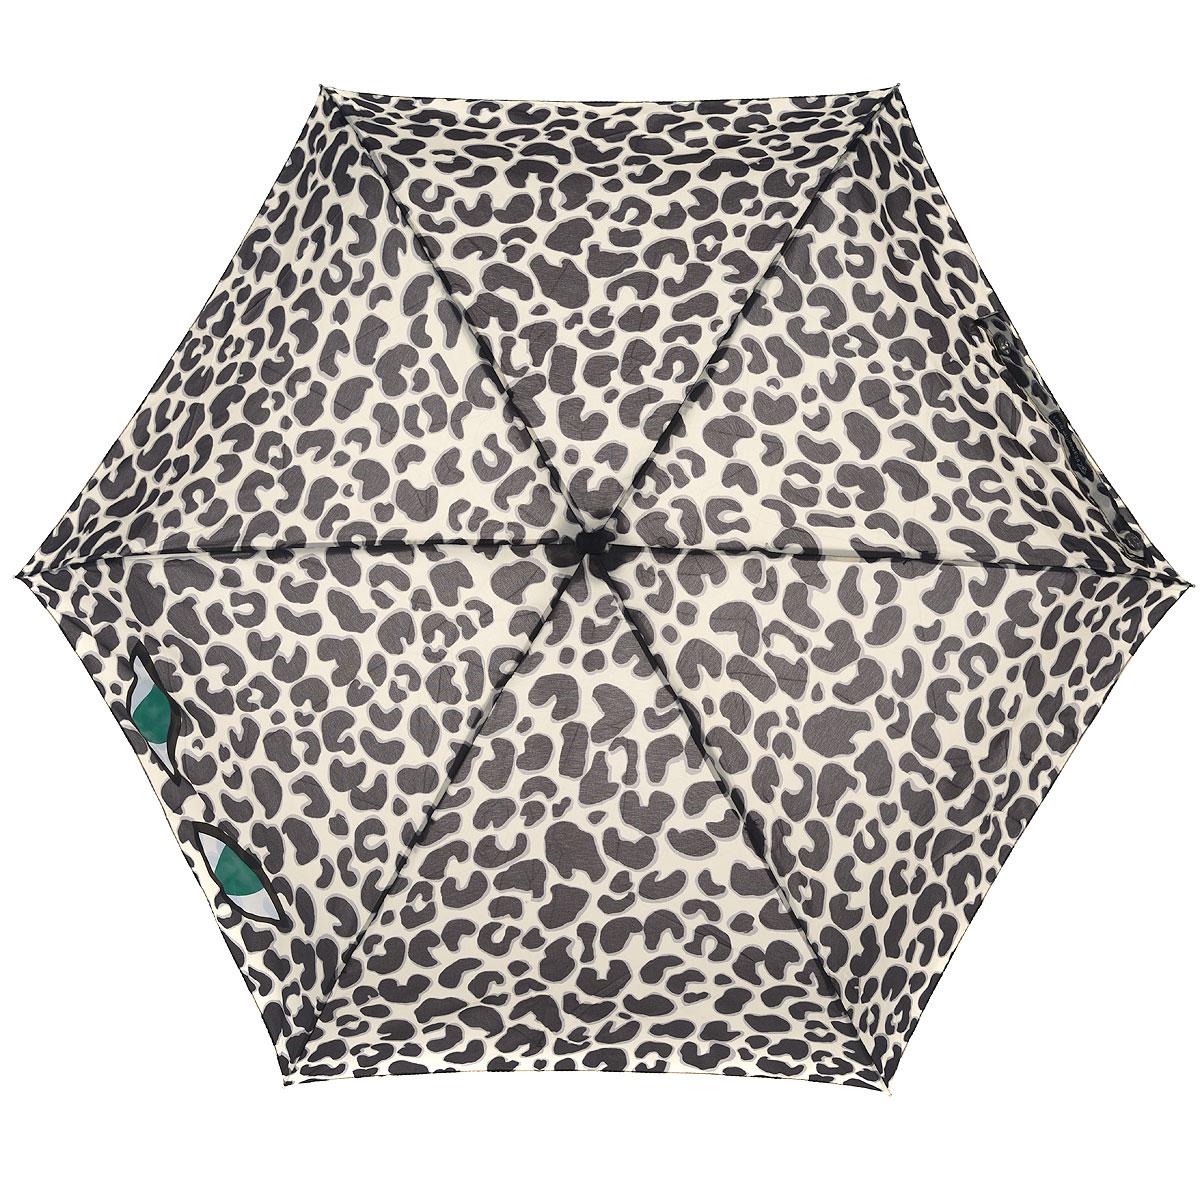 """Зонт женский Lulu Guinness Leopard Eye, механический, 5 сложений, цвет: бежевый, черныйREM12-CAM-GREENBLACKСтильный зонт """"Leopard Eye"""" защитит от непогоды, а его сверхкомпактный размер позволит вам всегда носить его с собой. """"Ветростойкий"""" каркас зонта выполнен из алюминия и состоит из шести спиц с элементами из фибергласса, зонт оснащен удобной рукояткой из пластика. Купол зонта выполнен из прочного полиэстера и оформлен леопардовым принтом. На рукоятке для удобства есть небольшой шнурок, позволяющий надеть зонт на руку тогда, когда это будет необходимо. К зонту прилагается чехол.Зонт механического сложения: купол открывается и закрывается вручную, стержень также складывается вручную до характерного щелчка. Характеристики: Материал: алюминий, фибергласс, пластик, полиэстер. Цвет: бежевый, черный. Диаметр купола: 87 см. Длина зонта в сложенном виде: 15 см. Длина ручки (стержня) в раскрытом виде:50 см.Вес: 158 г. Артикул: L717 3F2682."""